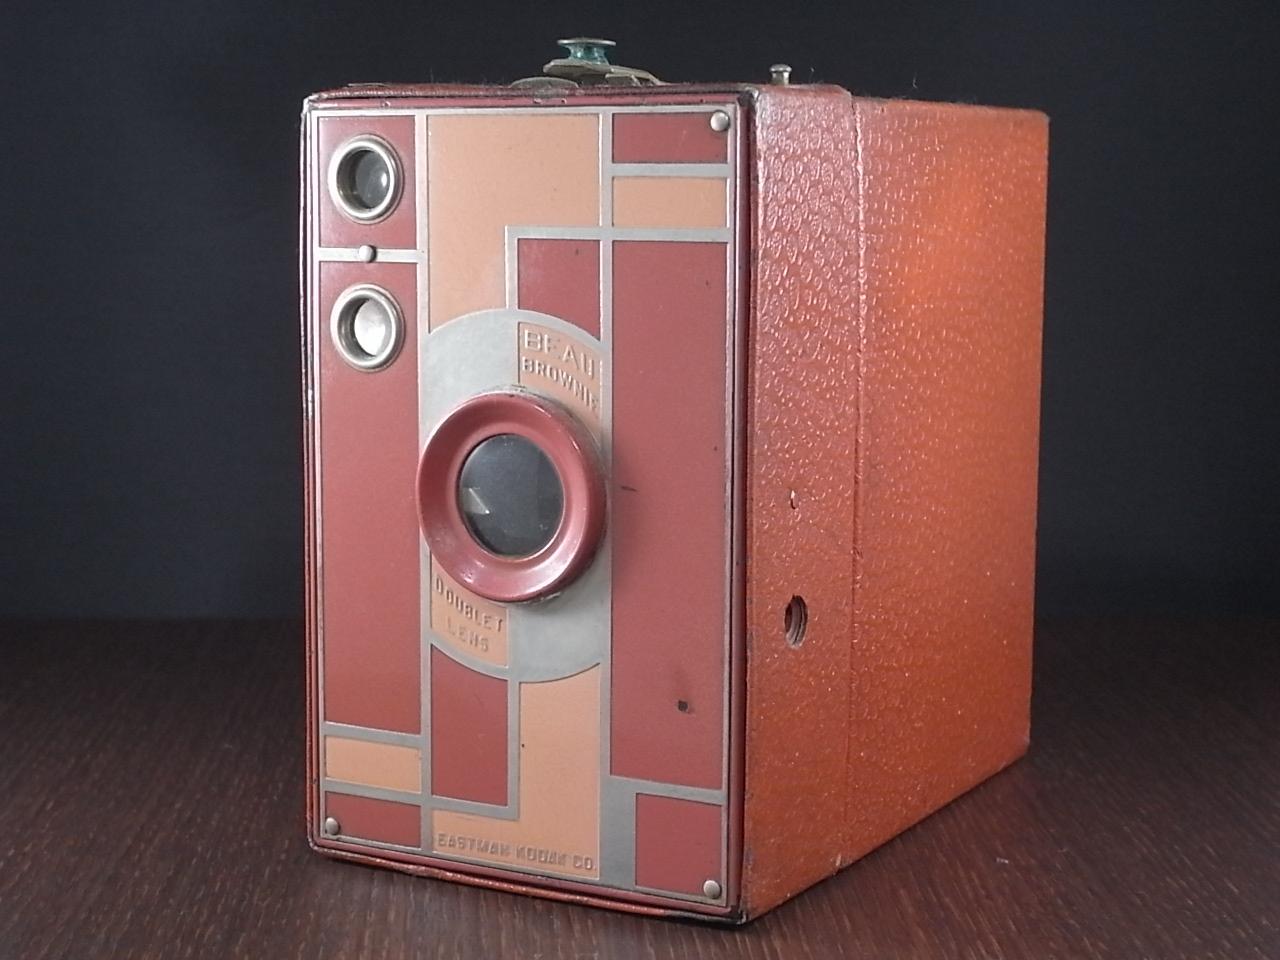 コダック No.2A ブローニー アールデコカメラ ローズのメイン写真